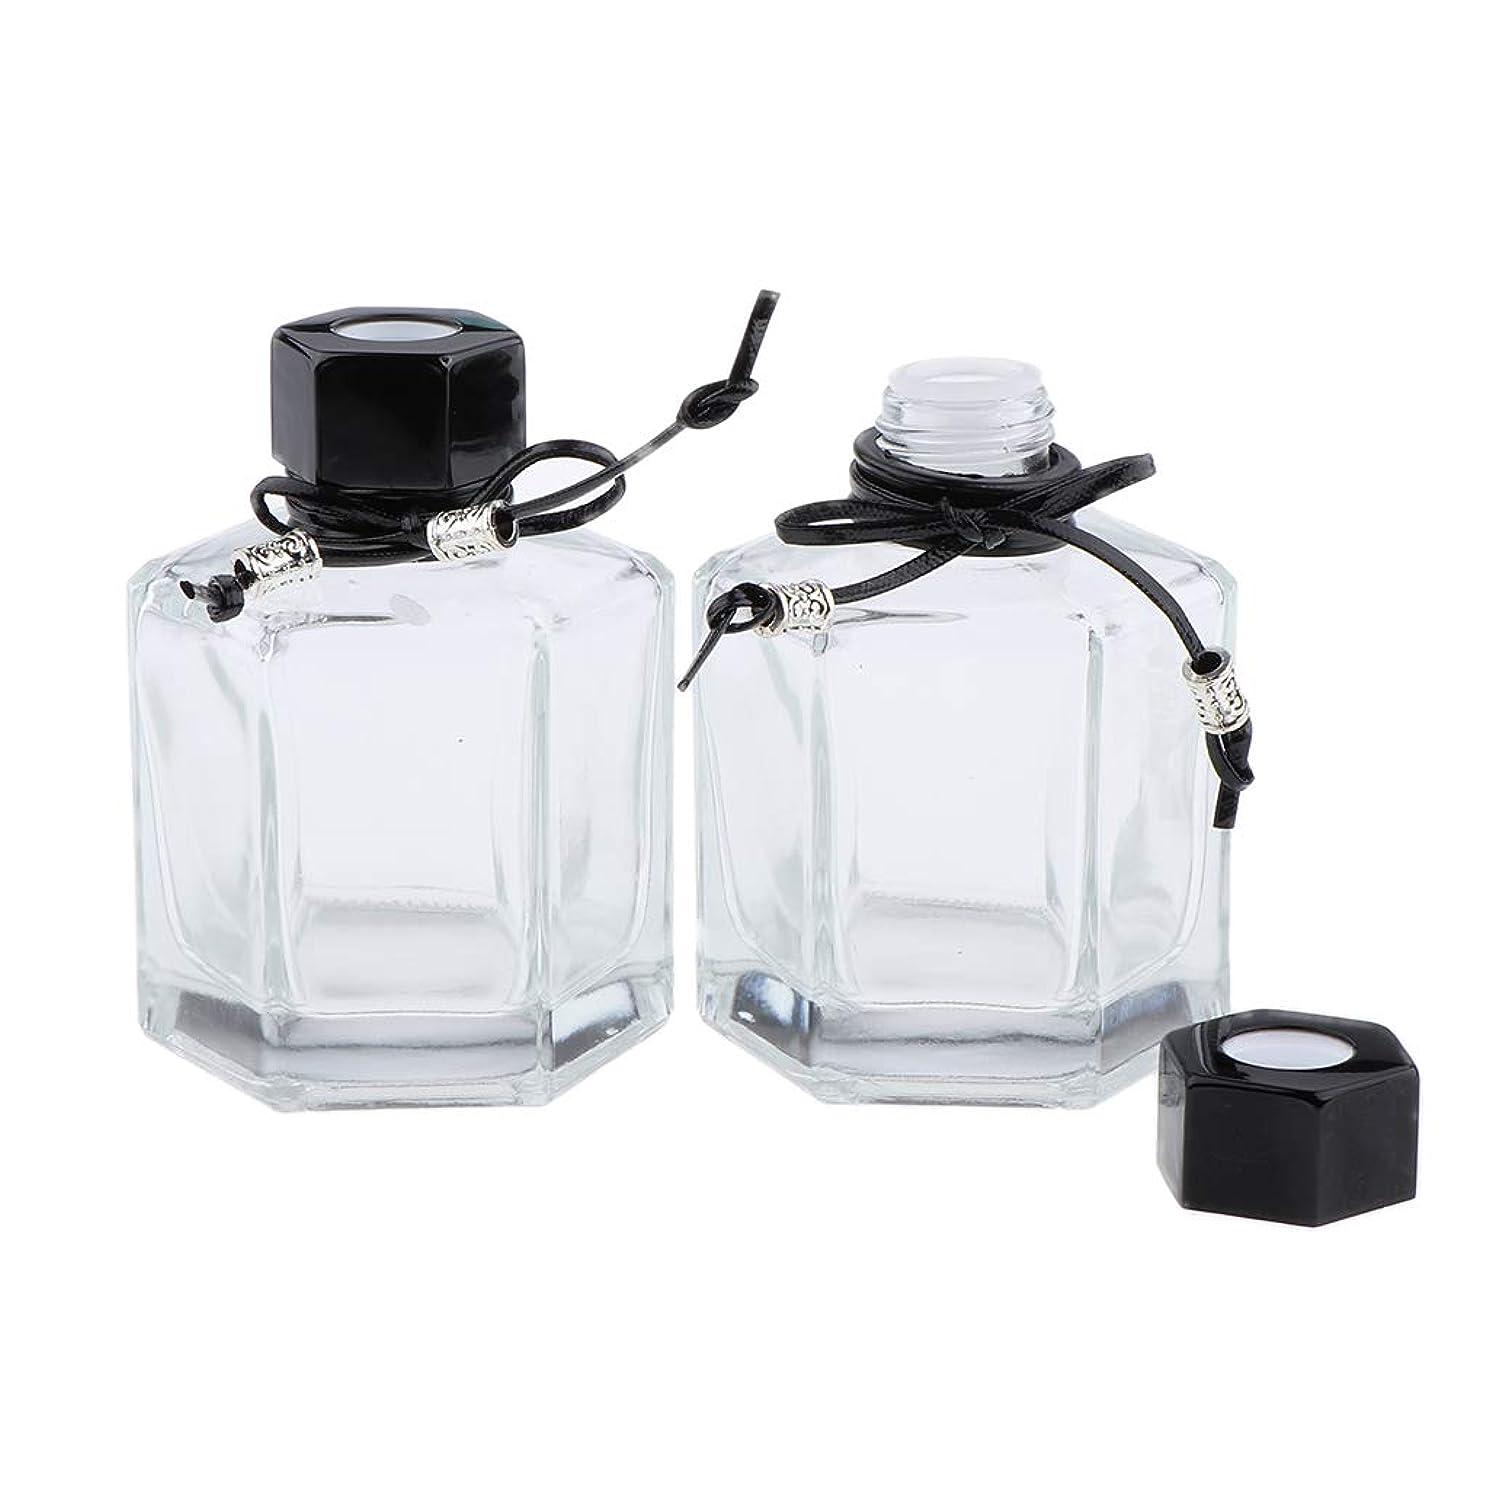 郵便屋さん抑圧者事Toygogo 香水ボトル ガラス 香水瓶 ディフューザーボトル エッセンシャルオイル ボトル 2色選べ - ブラック